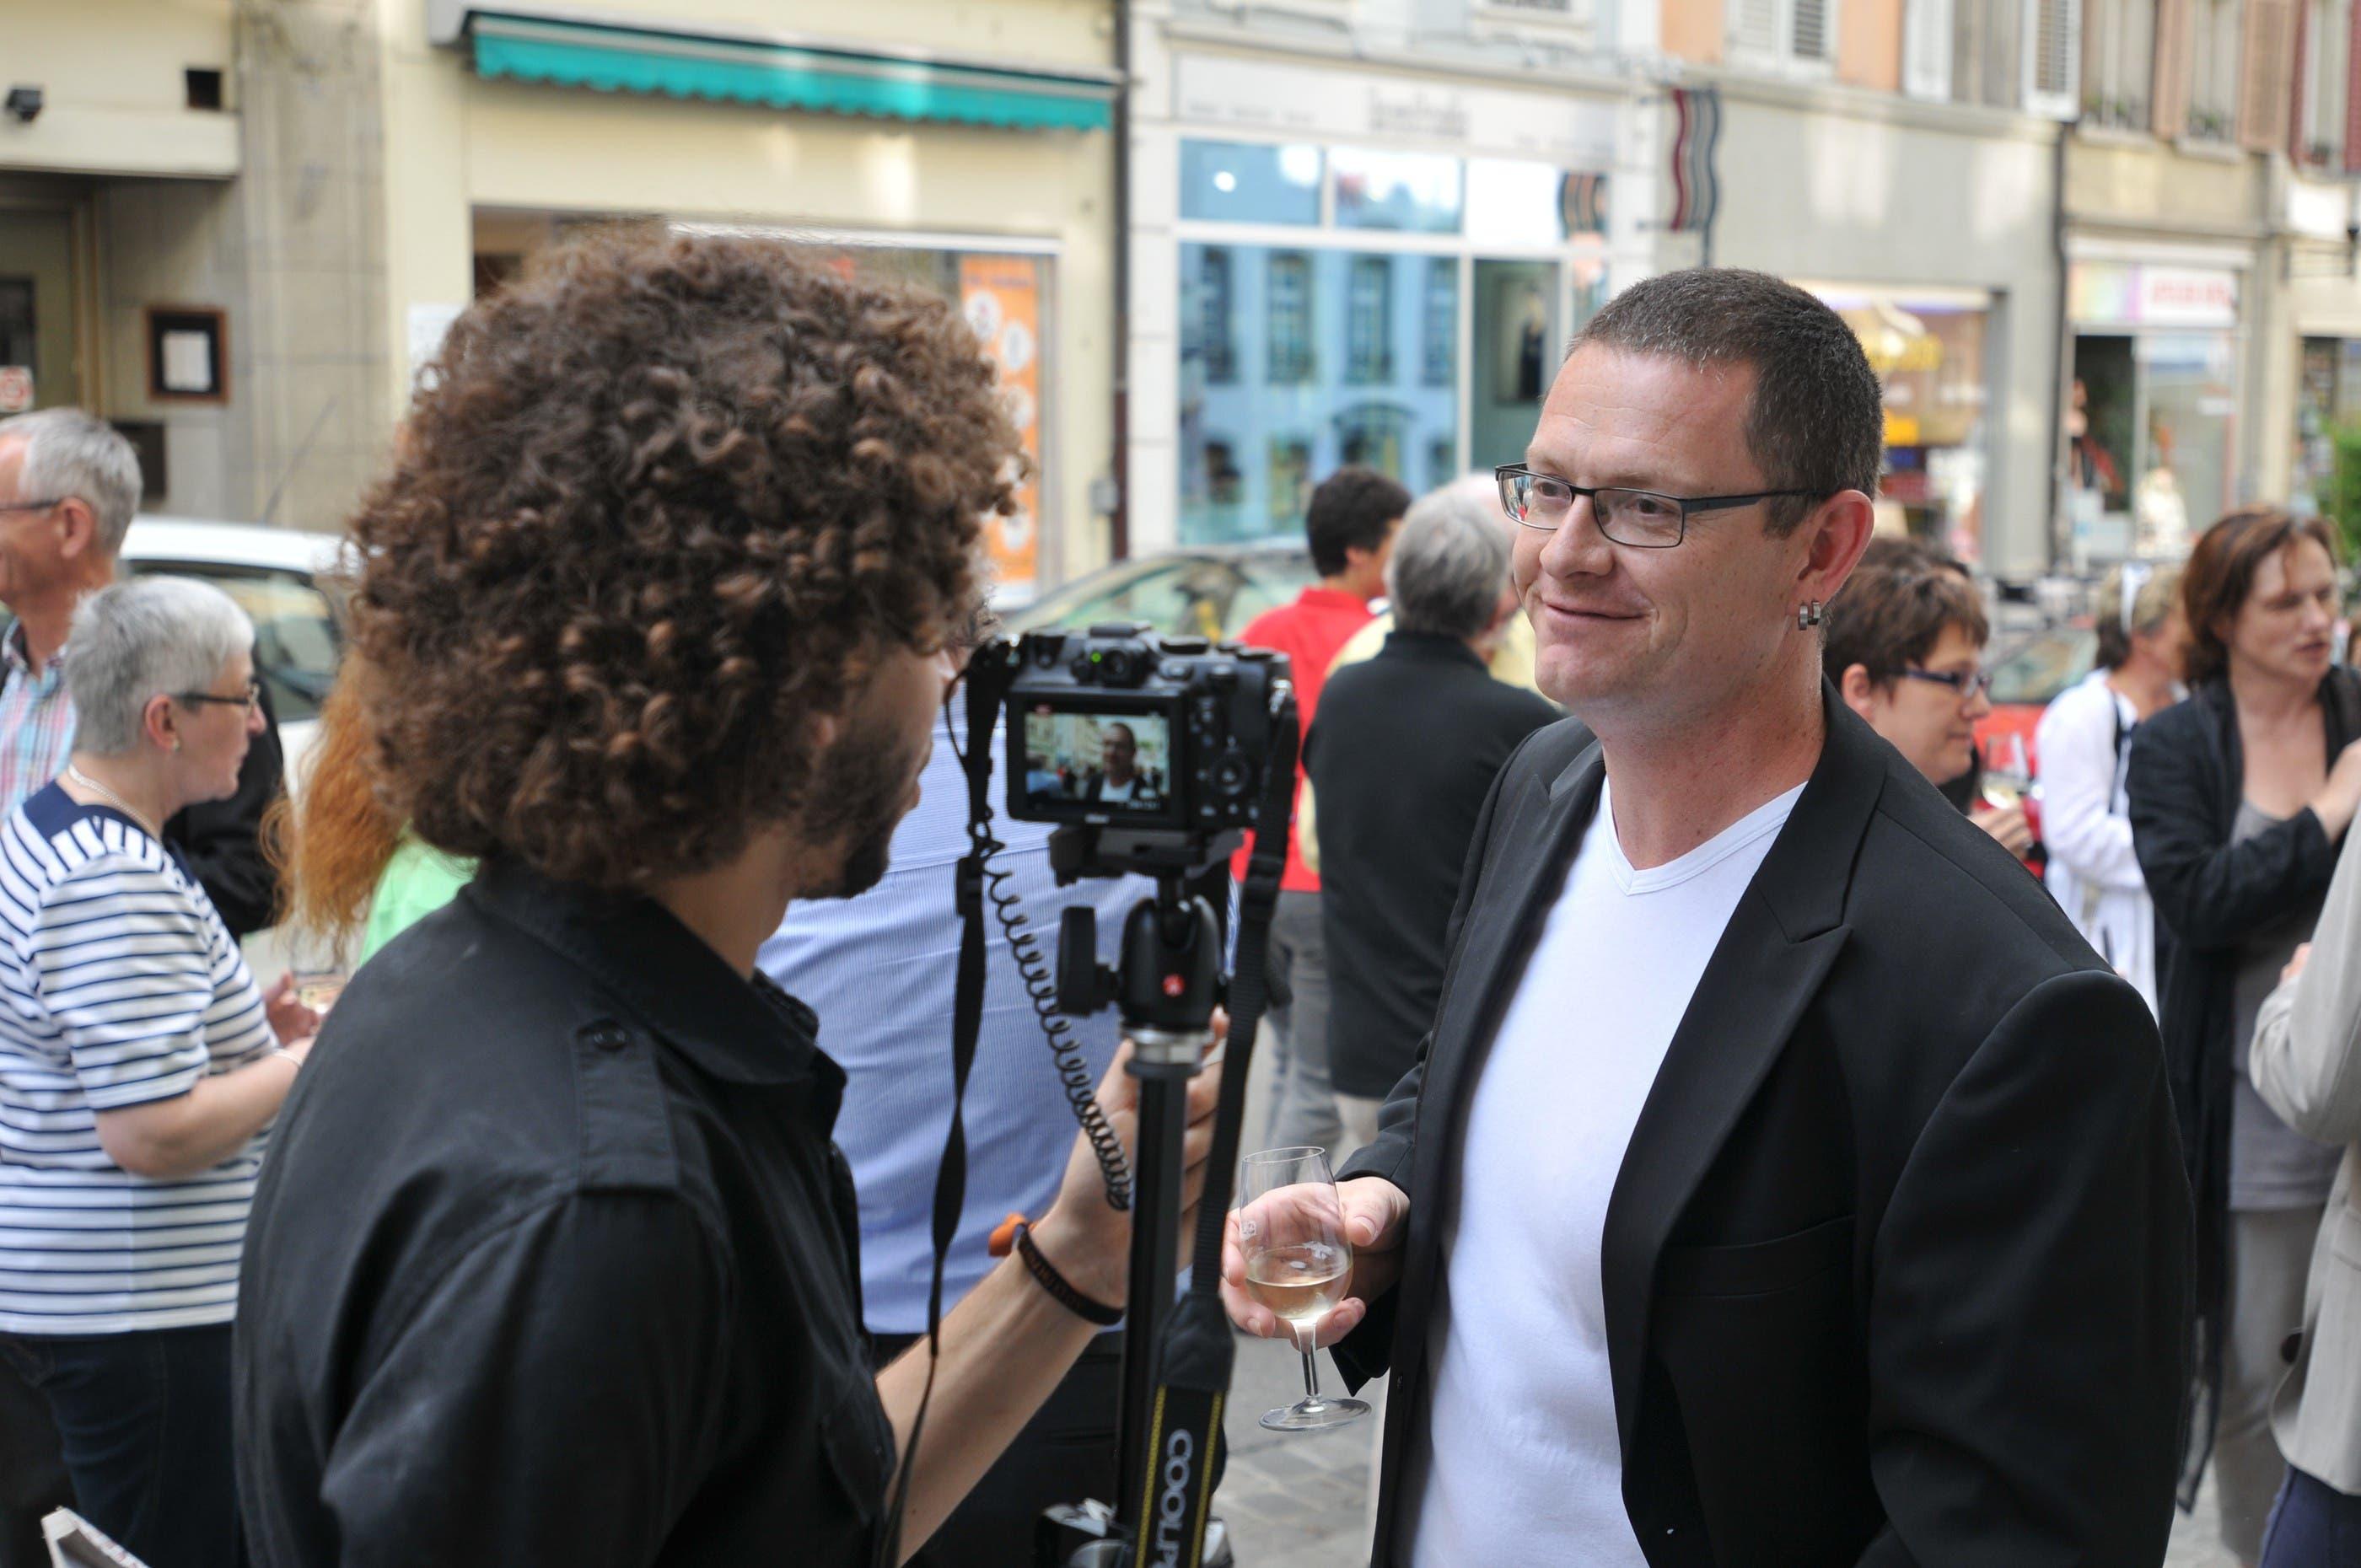 Der Brugger az-Redaktor Marc Reinhard